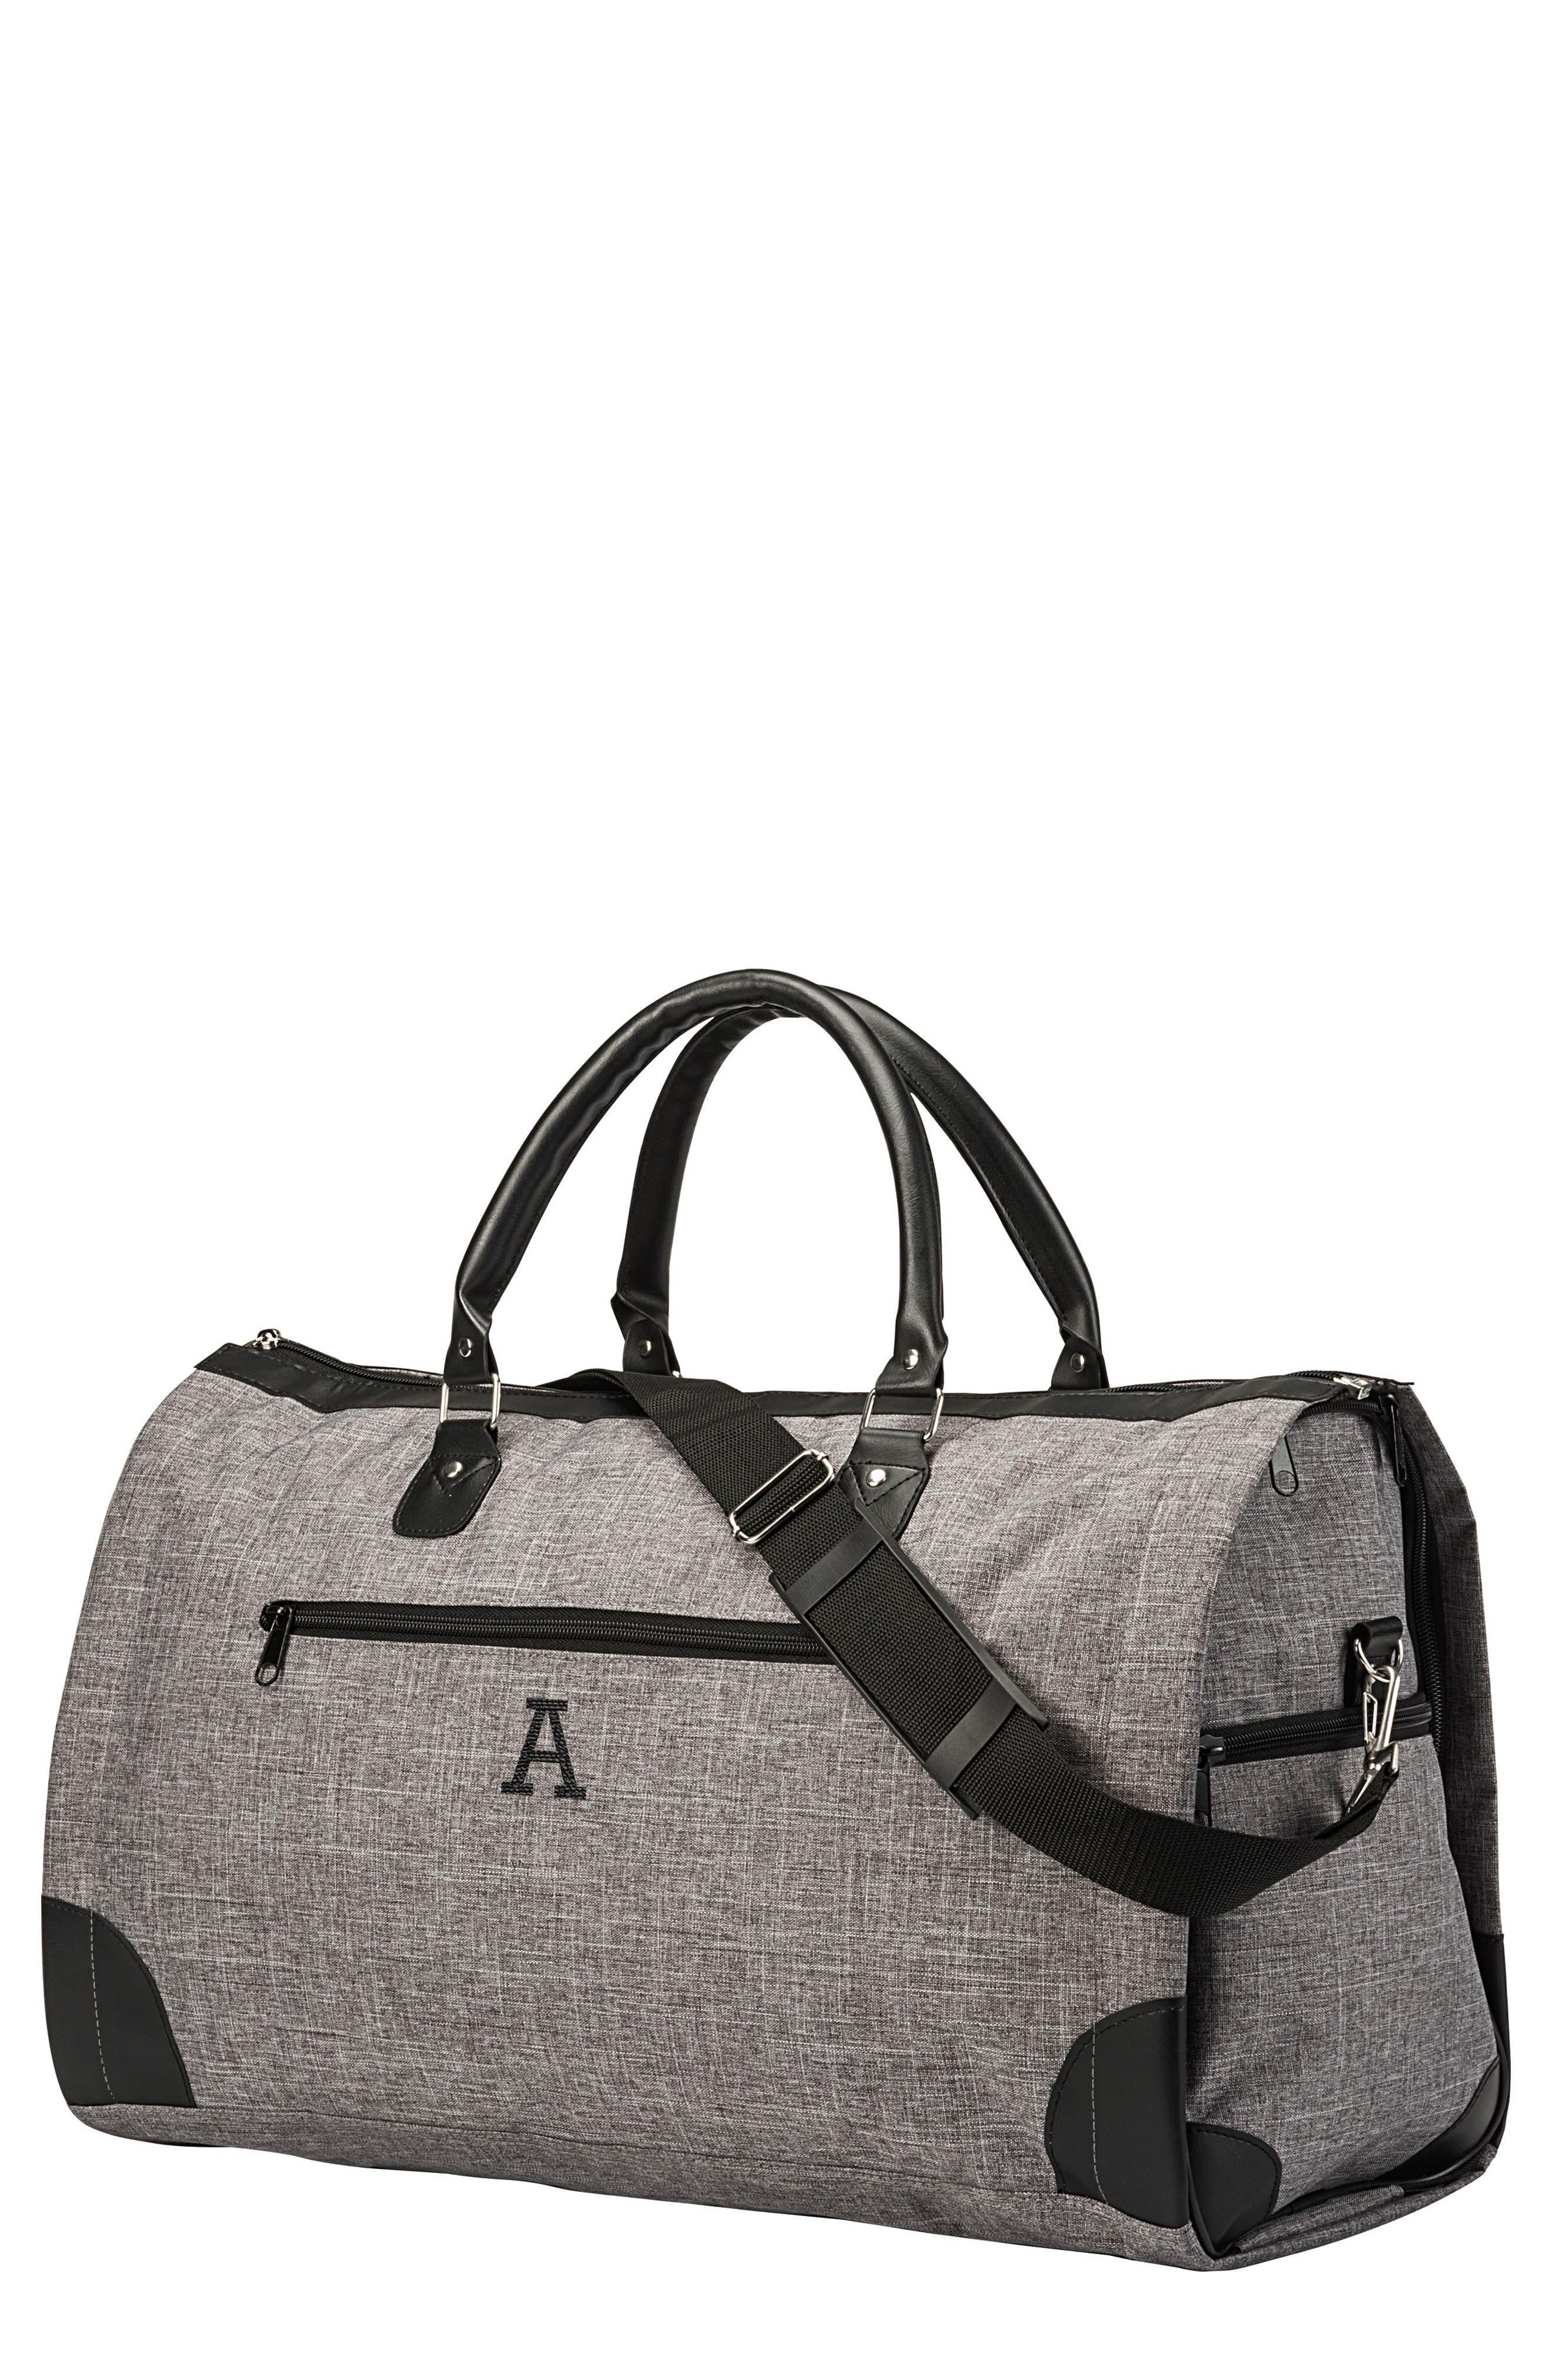 Monogram Duffel/Garment Bag,                         Main,                         color, GREY A